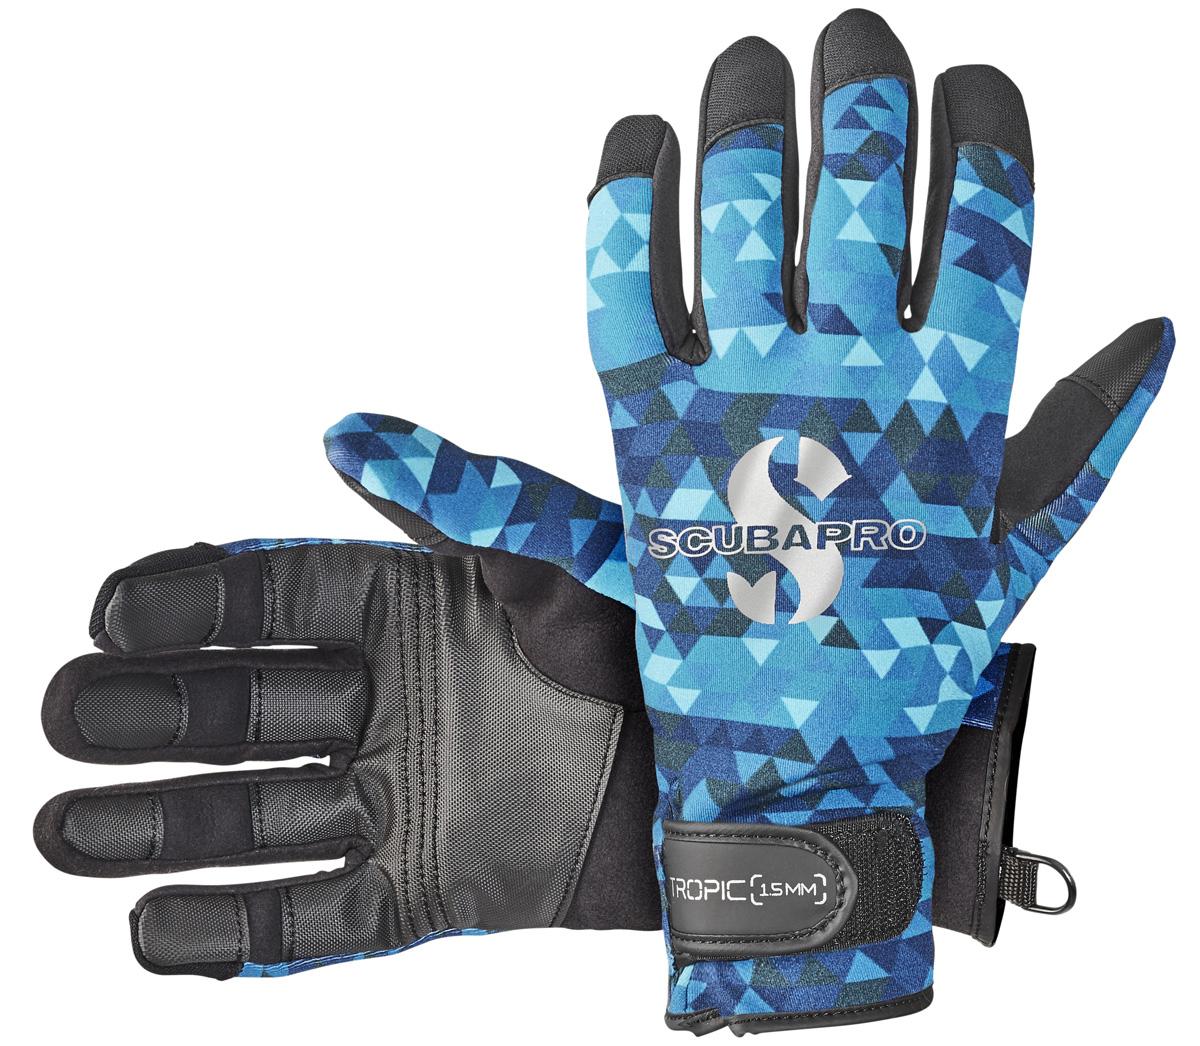 Scubapro Tropic 1.5mm Handschuh